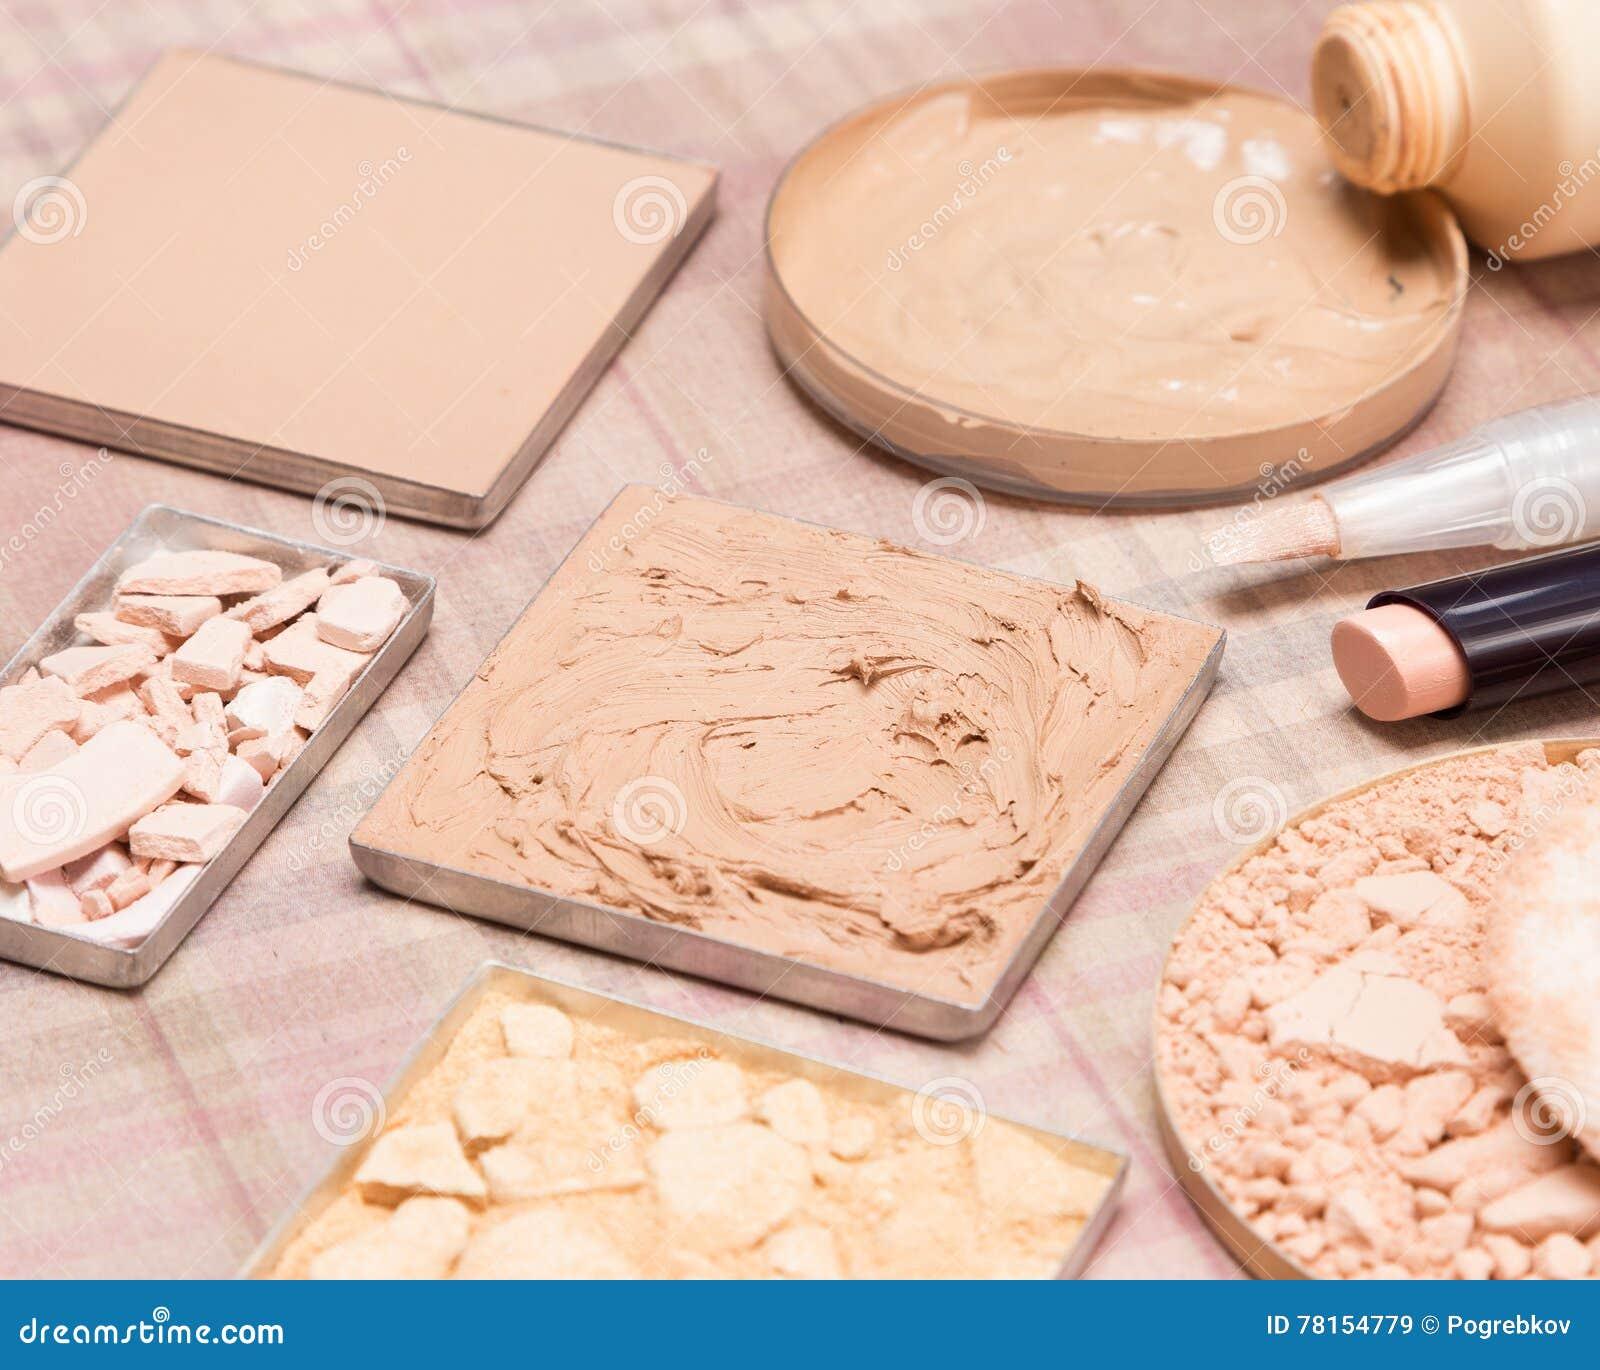 Βασικά προϊόντα makeup για να δημιουργήσει τον όμορφο τόνο δερμάτων